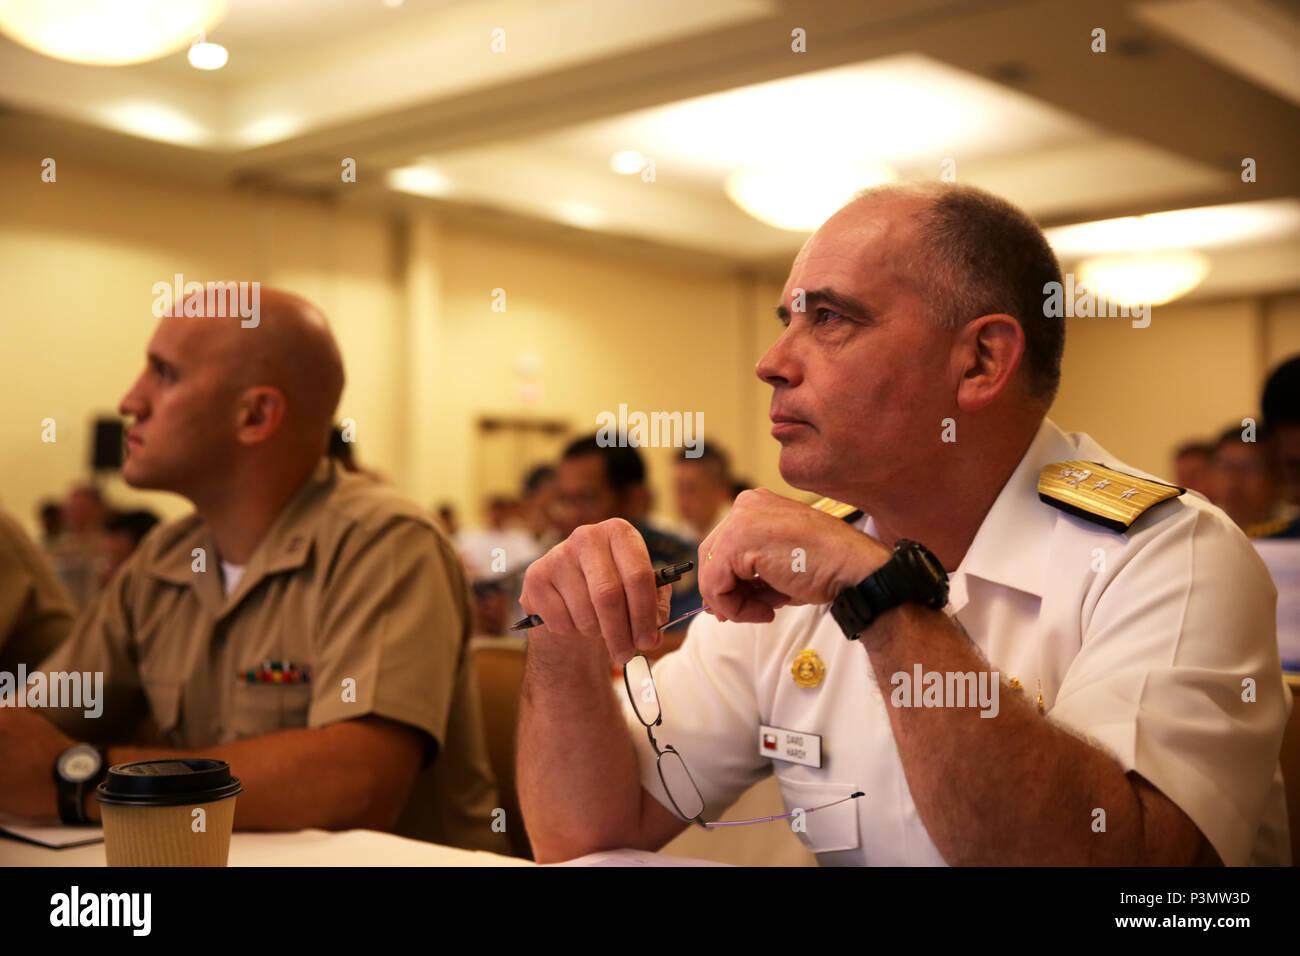 SAN DIEGO, California - El contraalmirante David A. Hardy, el comandante general de la Infantería de Marina Chilena, toma parte en el Comando del Pacífico líderes anfibio Simposio 2016 conferencia en San Diego, California, 11 de julio de 2016. PALS reúne a altos dirigentes de los aliados y los países socios en toda la región del Pacífico Indo-Asia. Los miembros del servicio hablará sobre aspectos clave del transporte marítimo y operaciones anfibias y la interoperabilidad. (Ee.Uu. Marine Corps foto por CPL. Demetrius Morgan/ liberado) Foto de stock